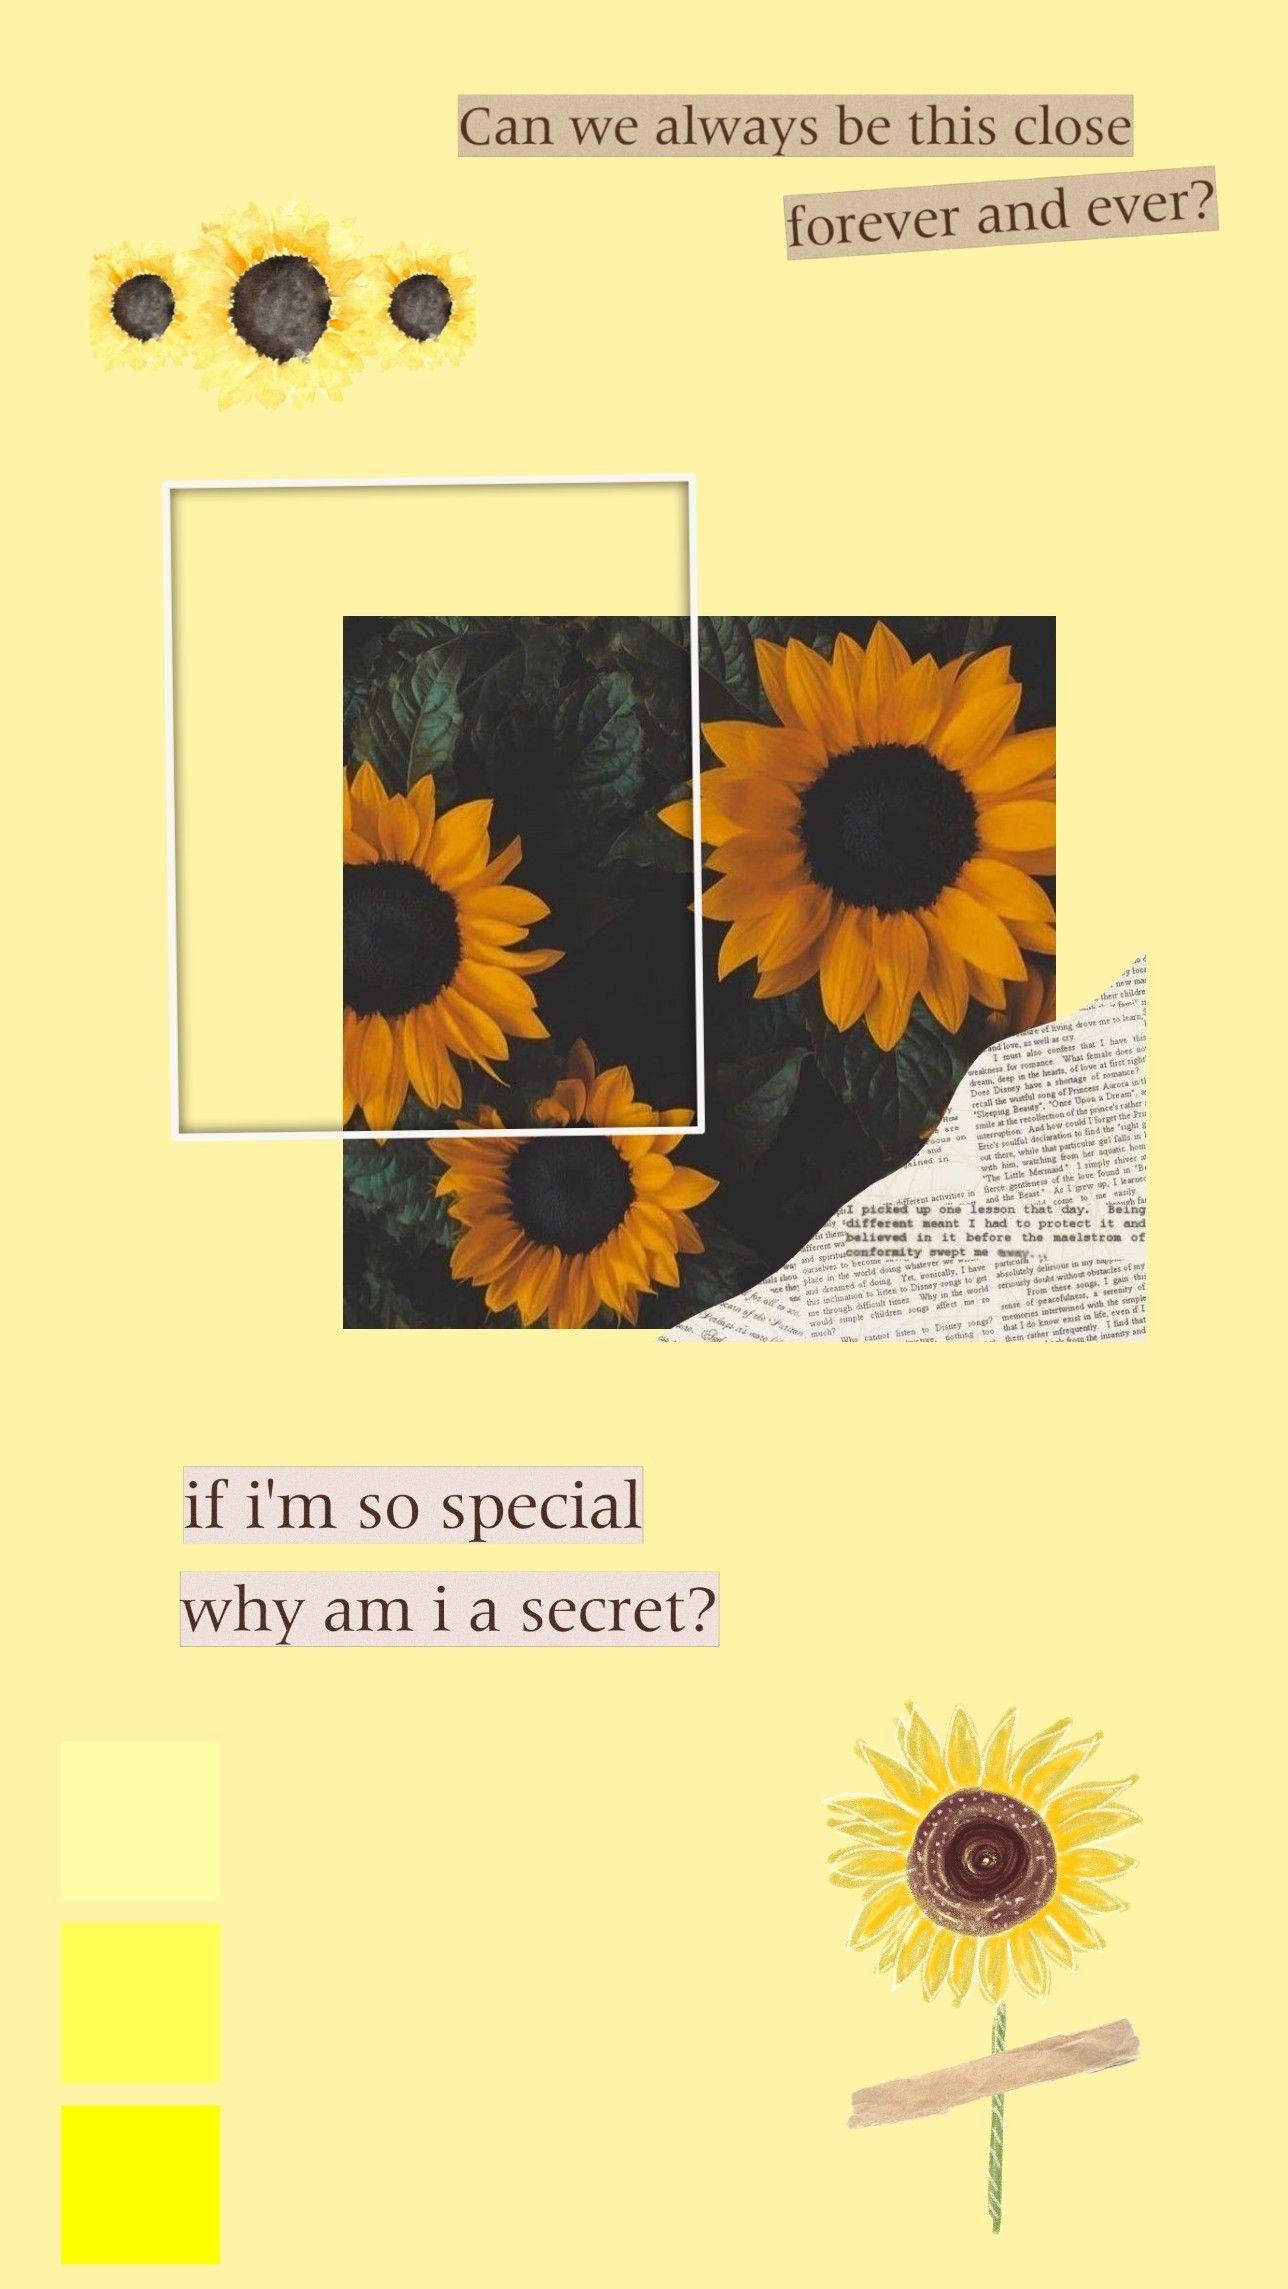 Sunflower Aesthetic Wallpaper 🌻